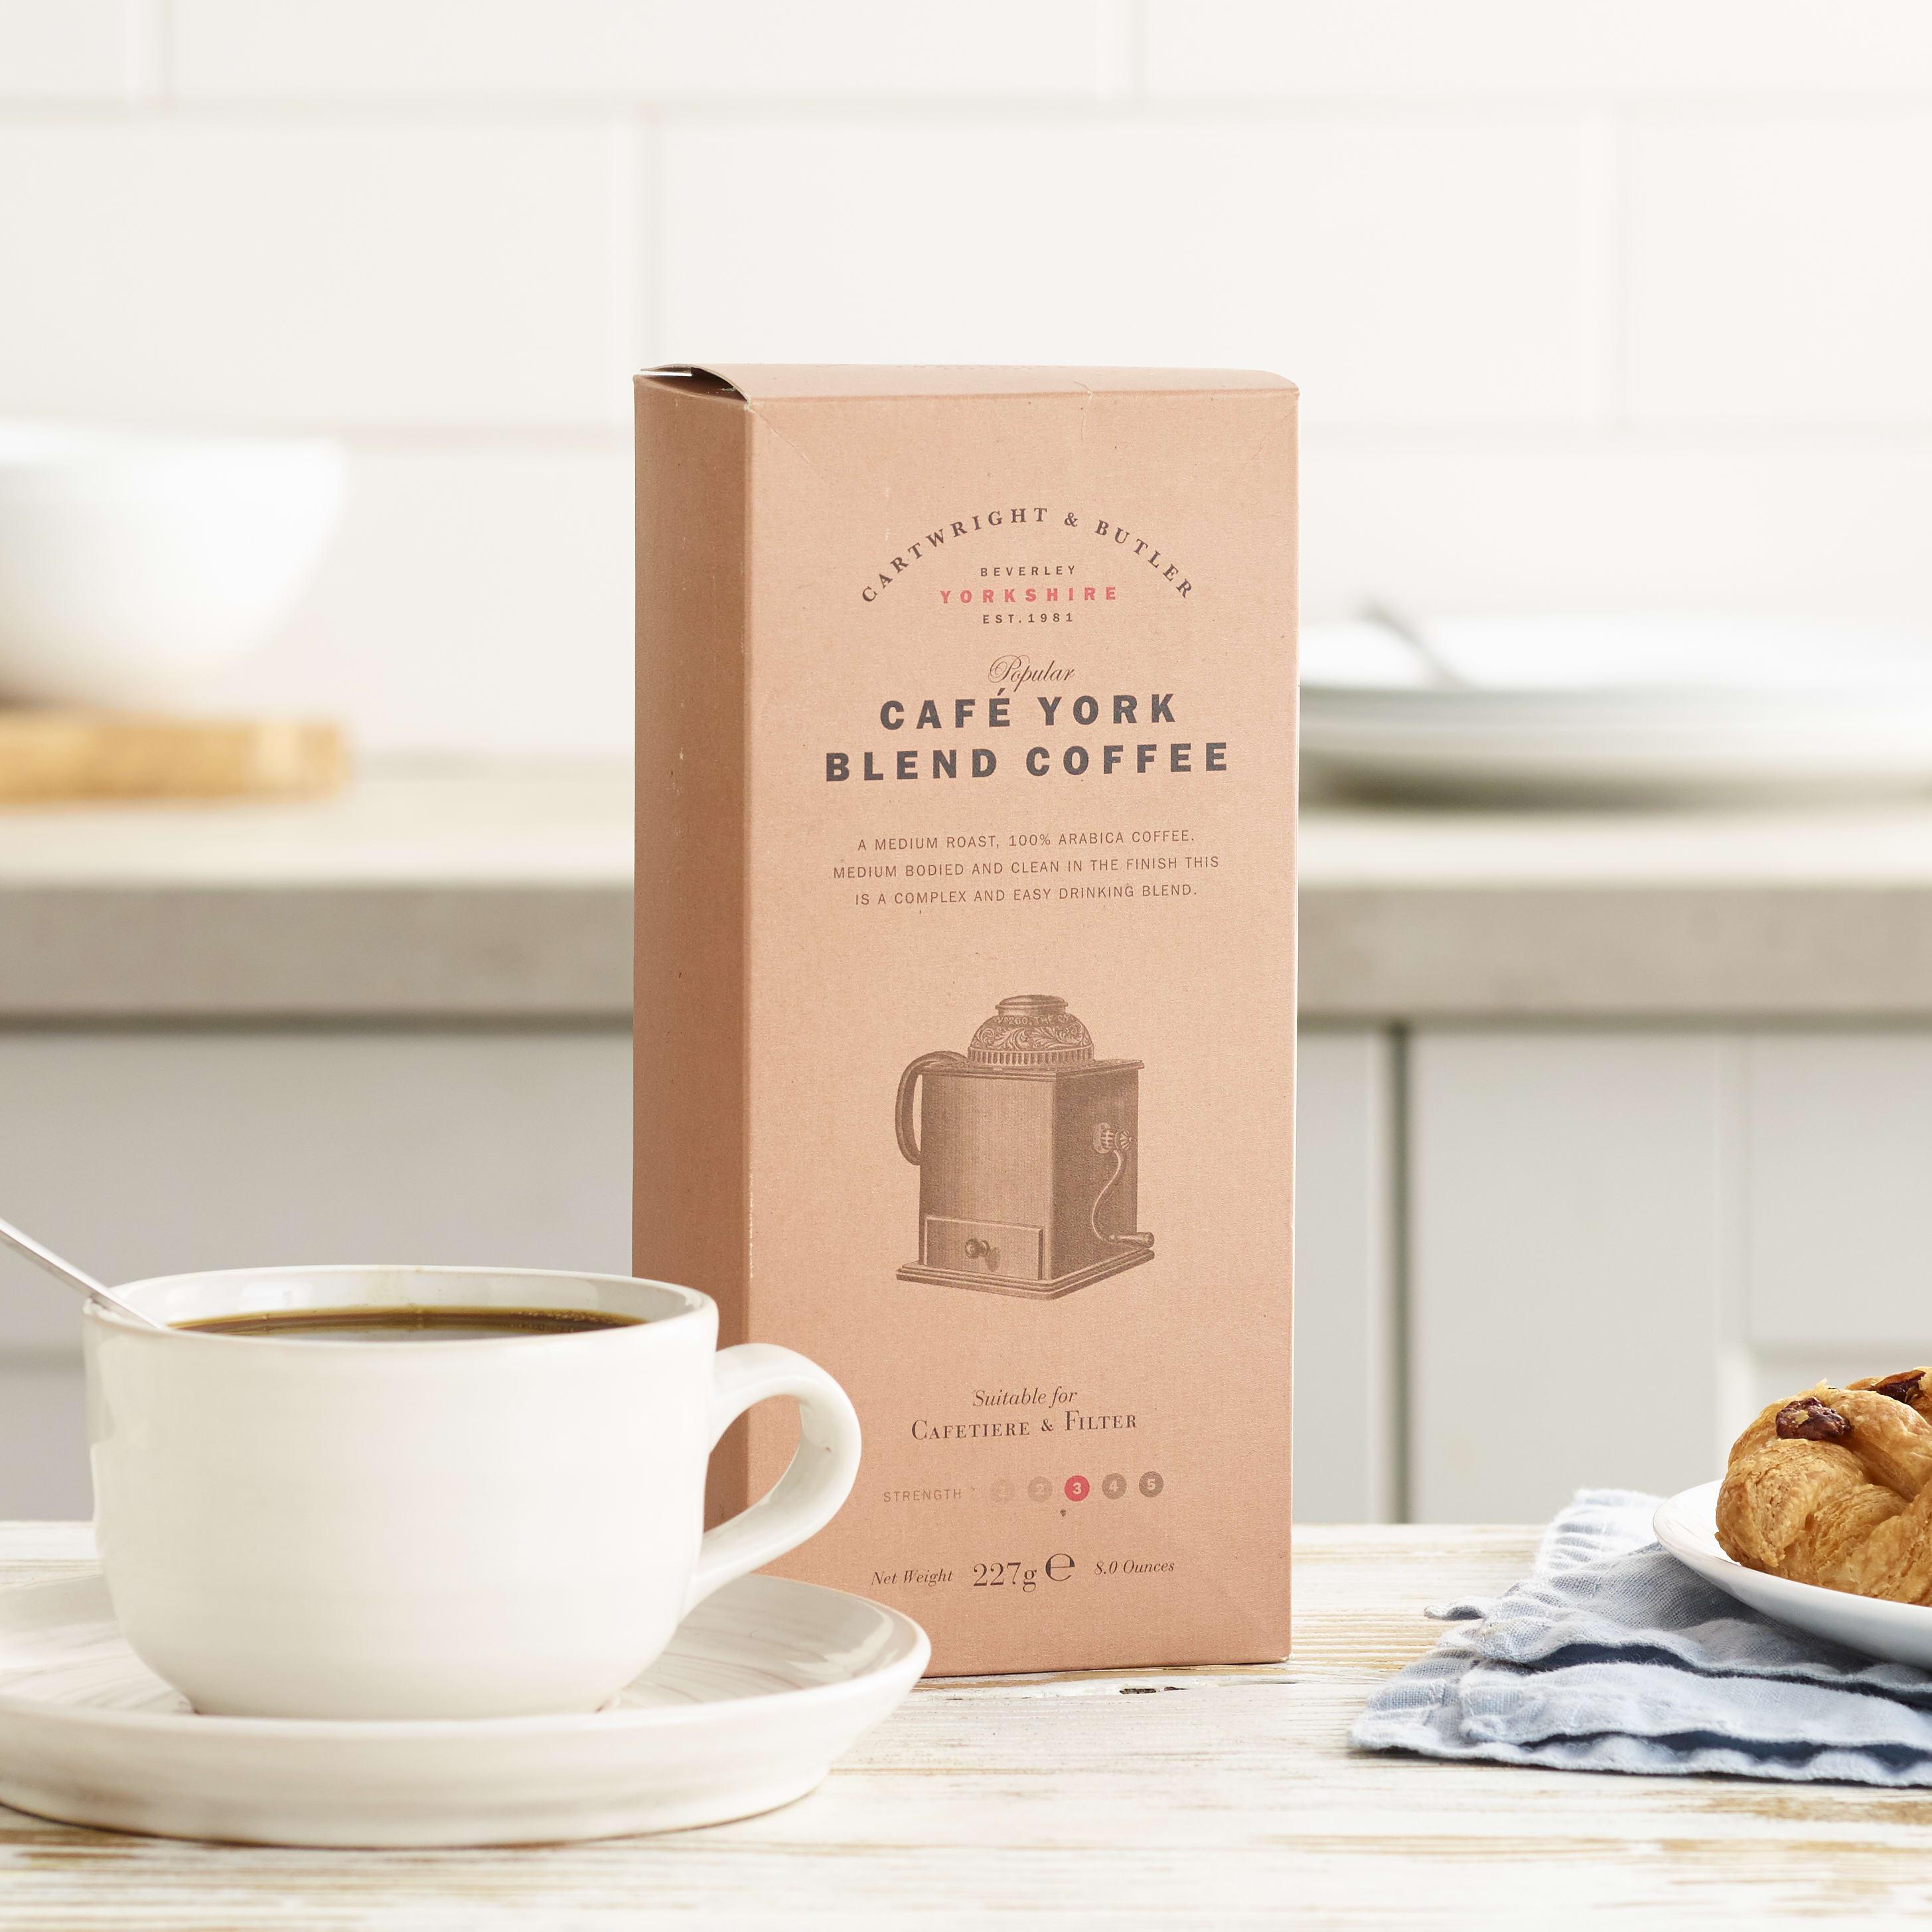 Cartwright & Butler Café York Blend Coffee in Carton, 227g